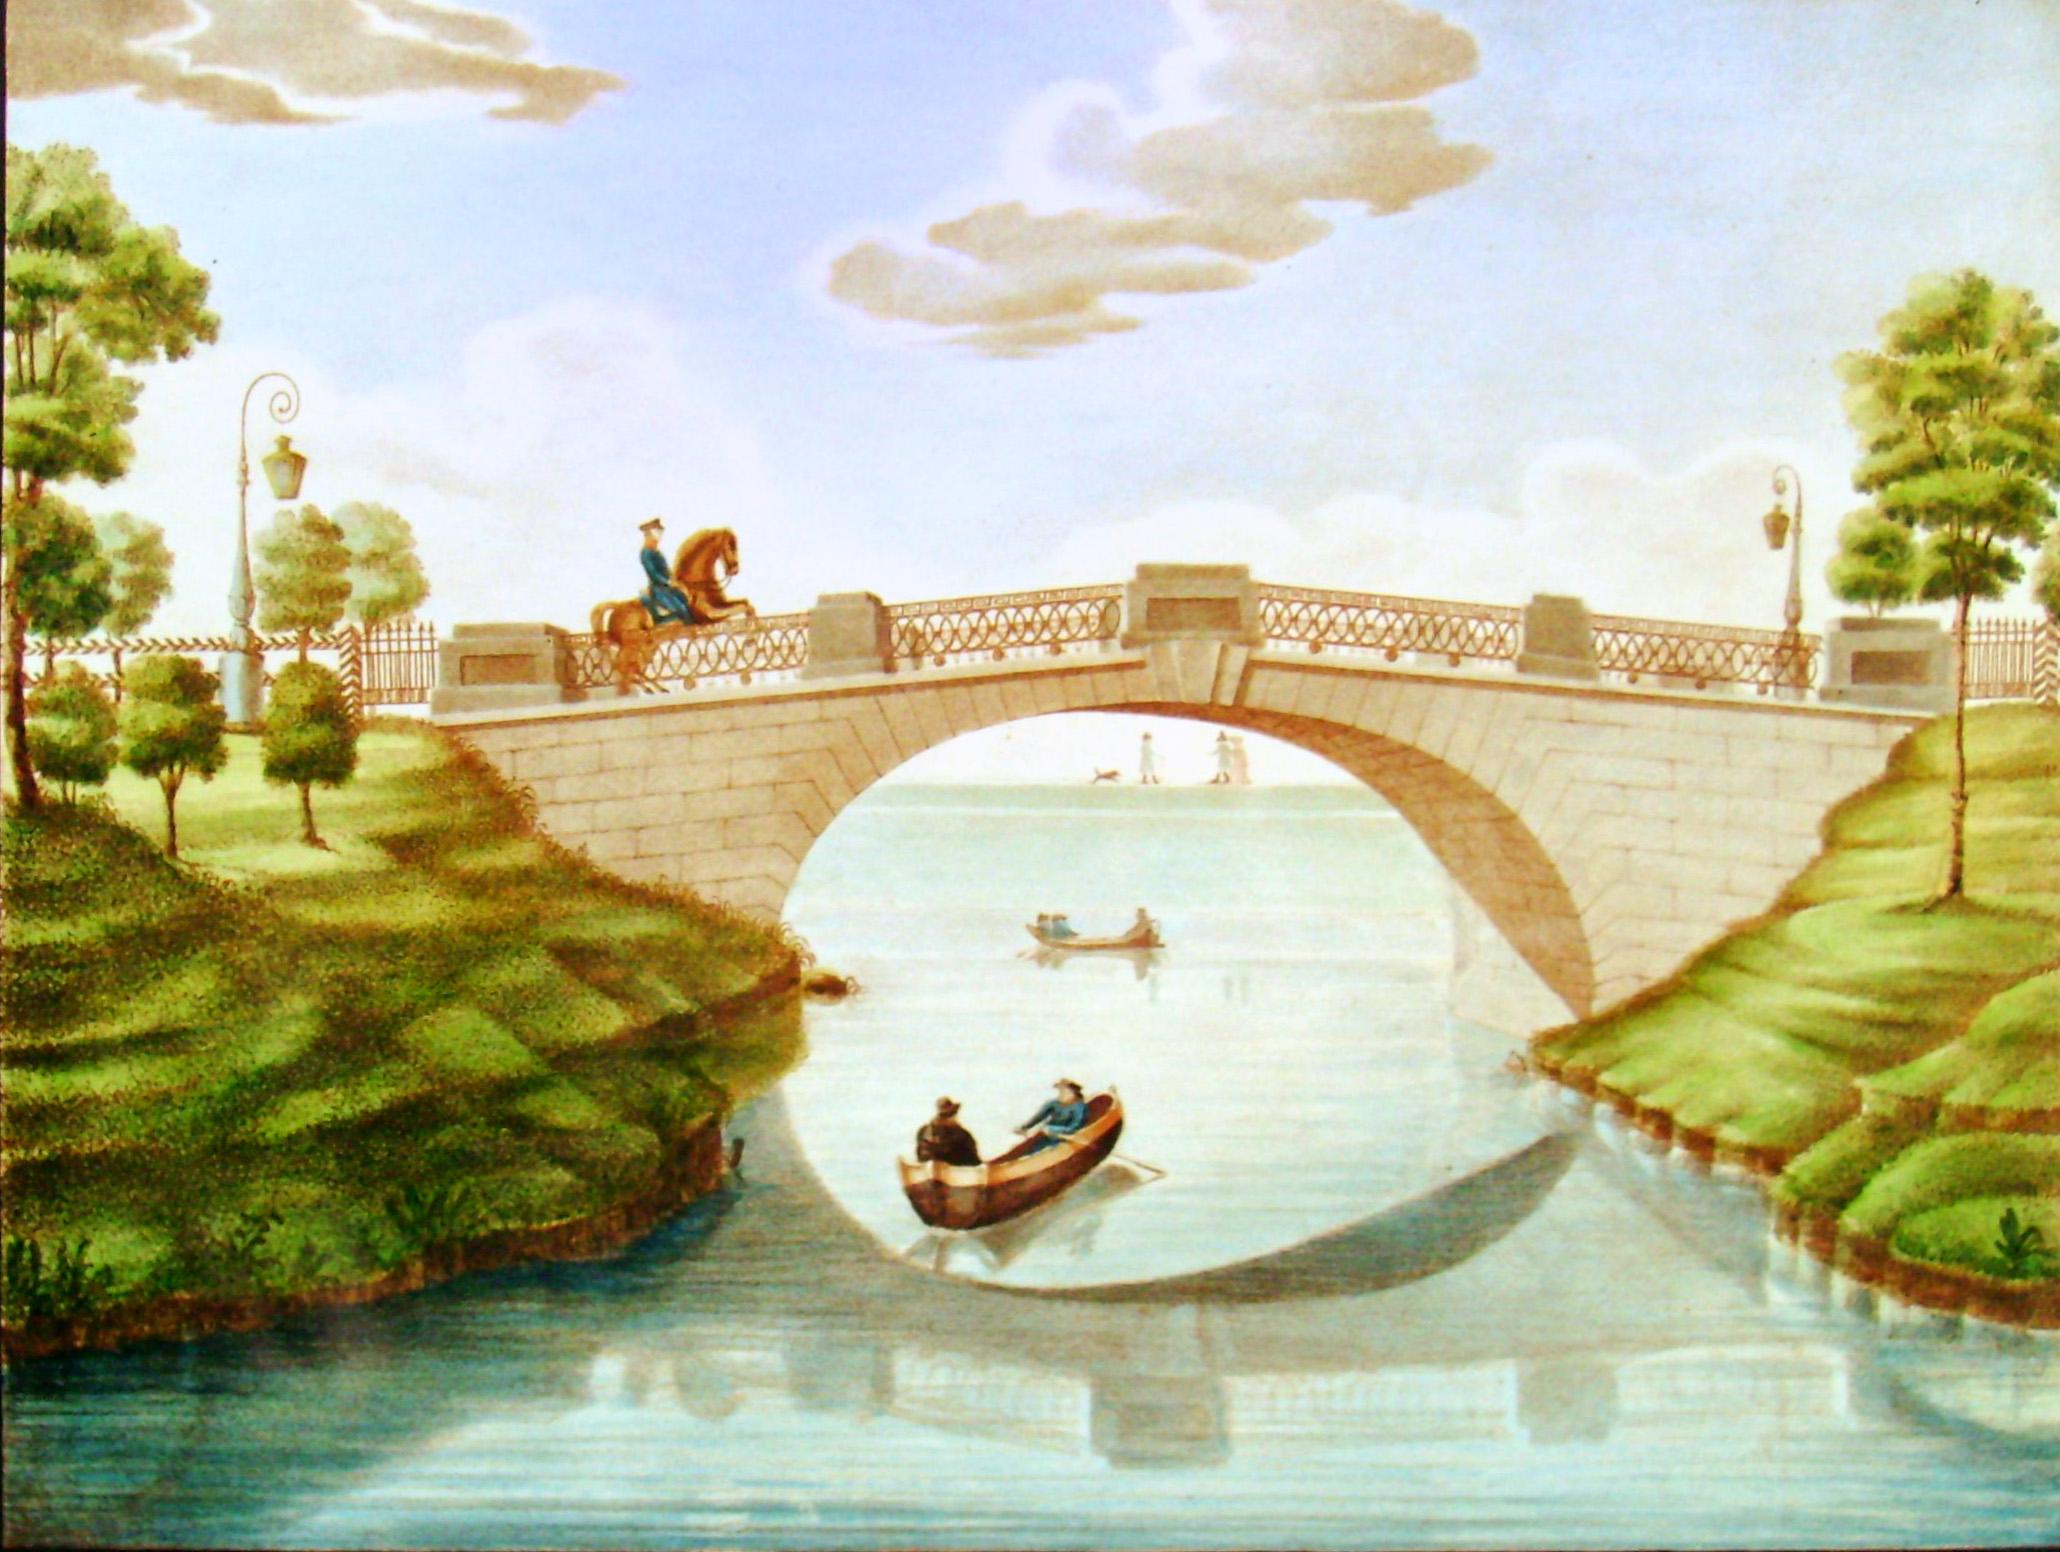 27. Вид каменного моста на Тихвинской дороге из саду. Р<исовал> на кам<не> М. М. Зверев в 1823 году.